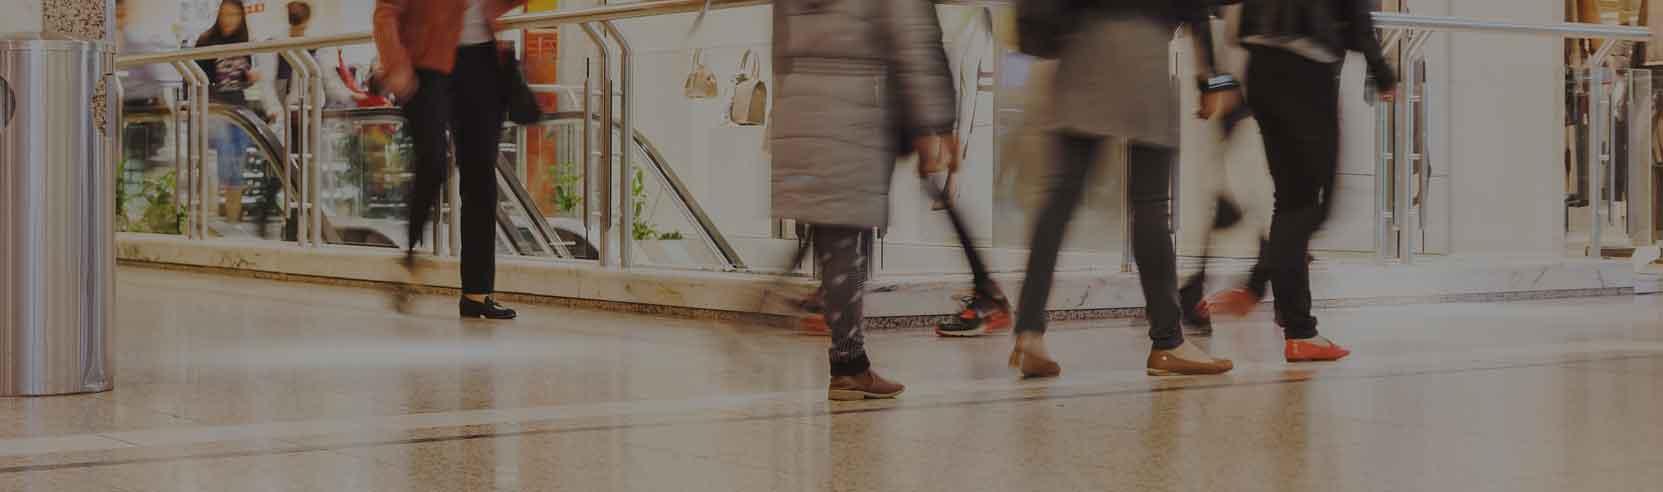 Mall-Paris